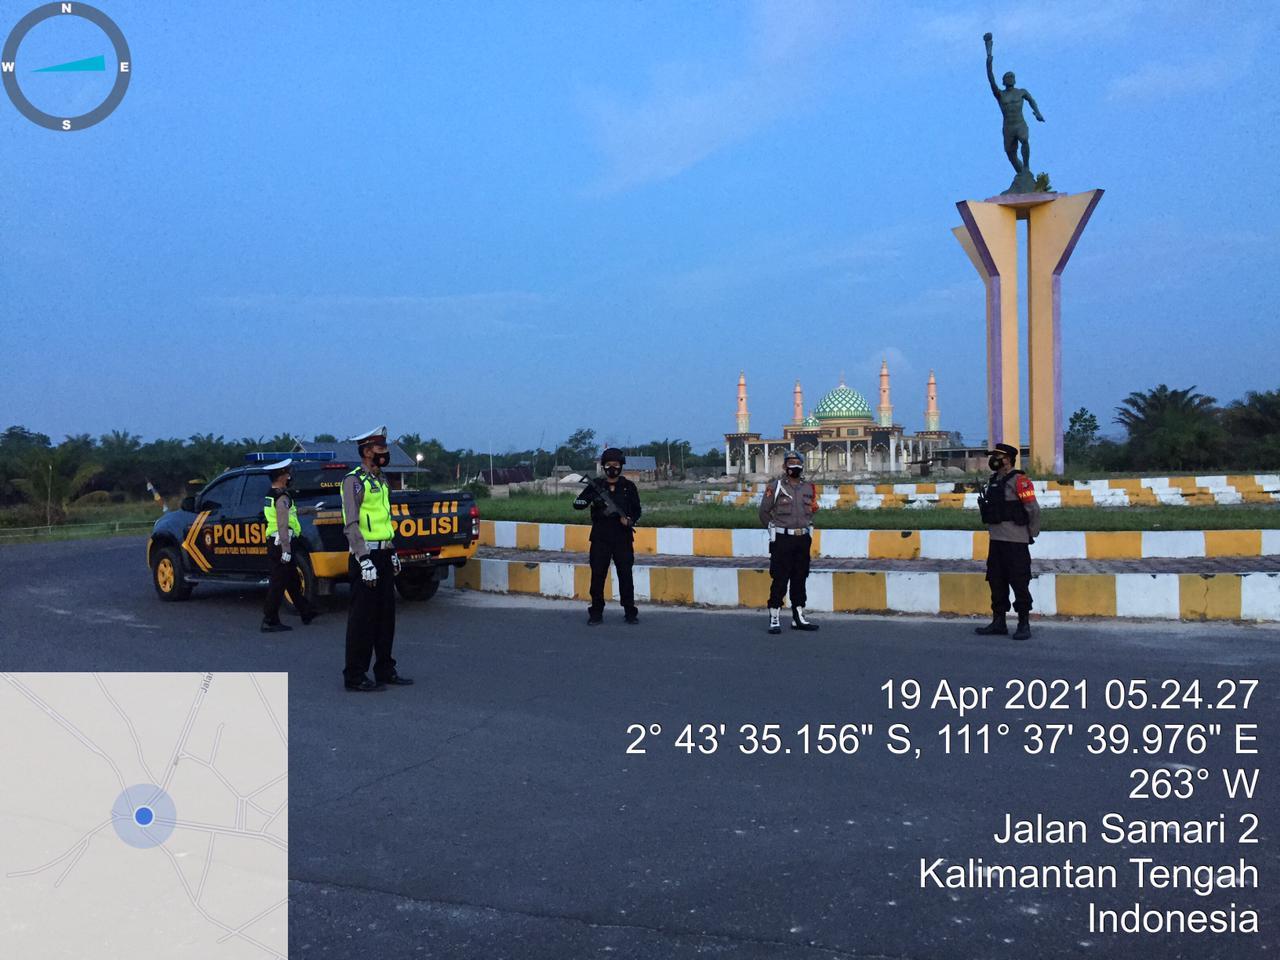 Polres Kobar Lakukan Patroli pagi antisipasi adanya balapan liar setelah pelaksanaan Sholat Subuh